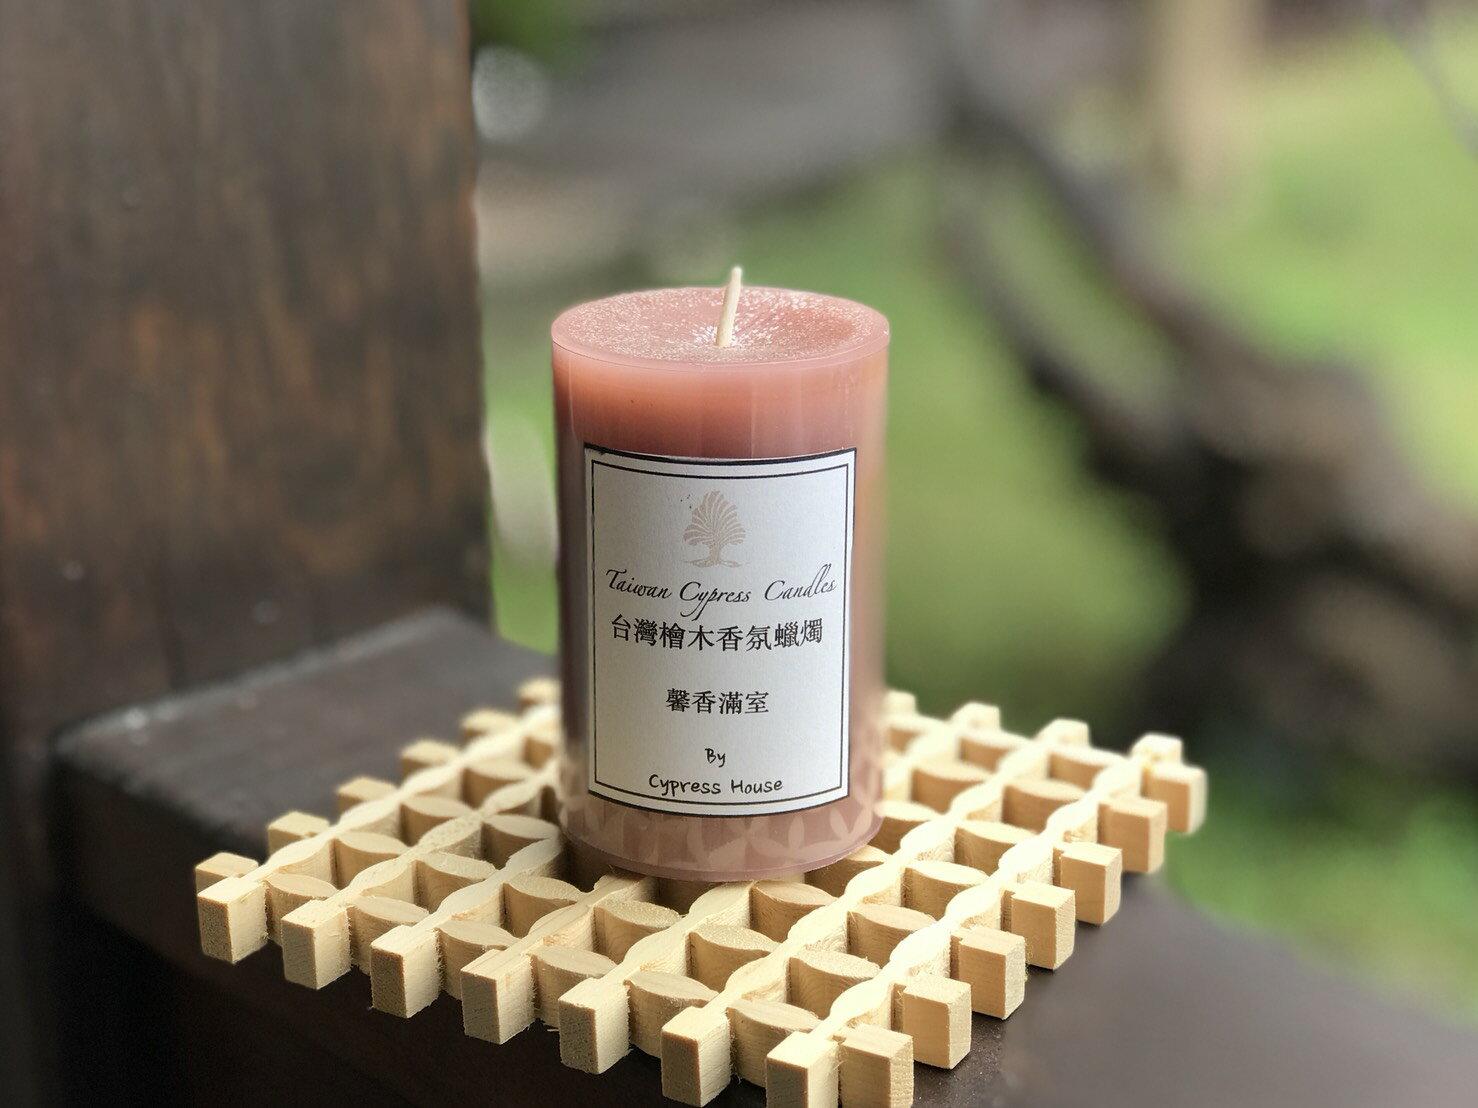 檜木居🌳 台灣檜木香氛蠟燭 享受天然檜木香芬 滿室馨香